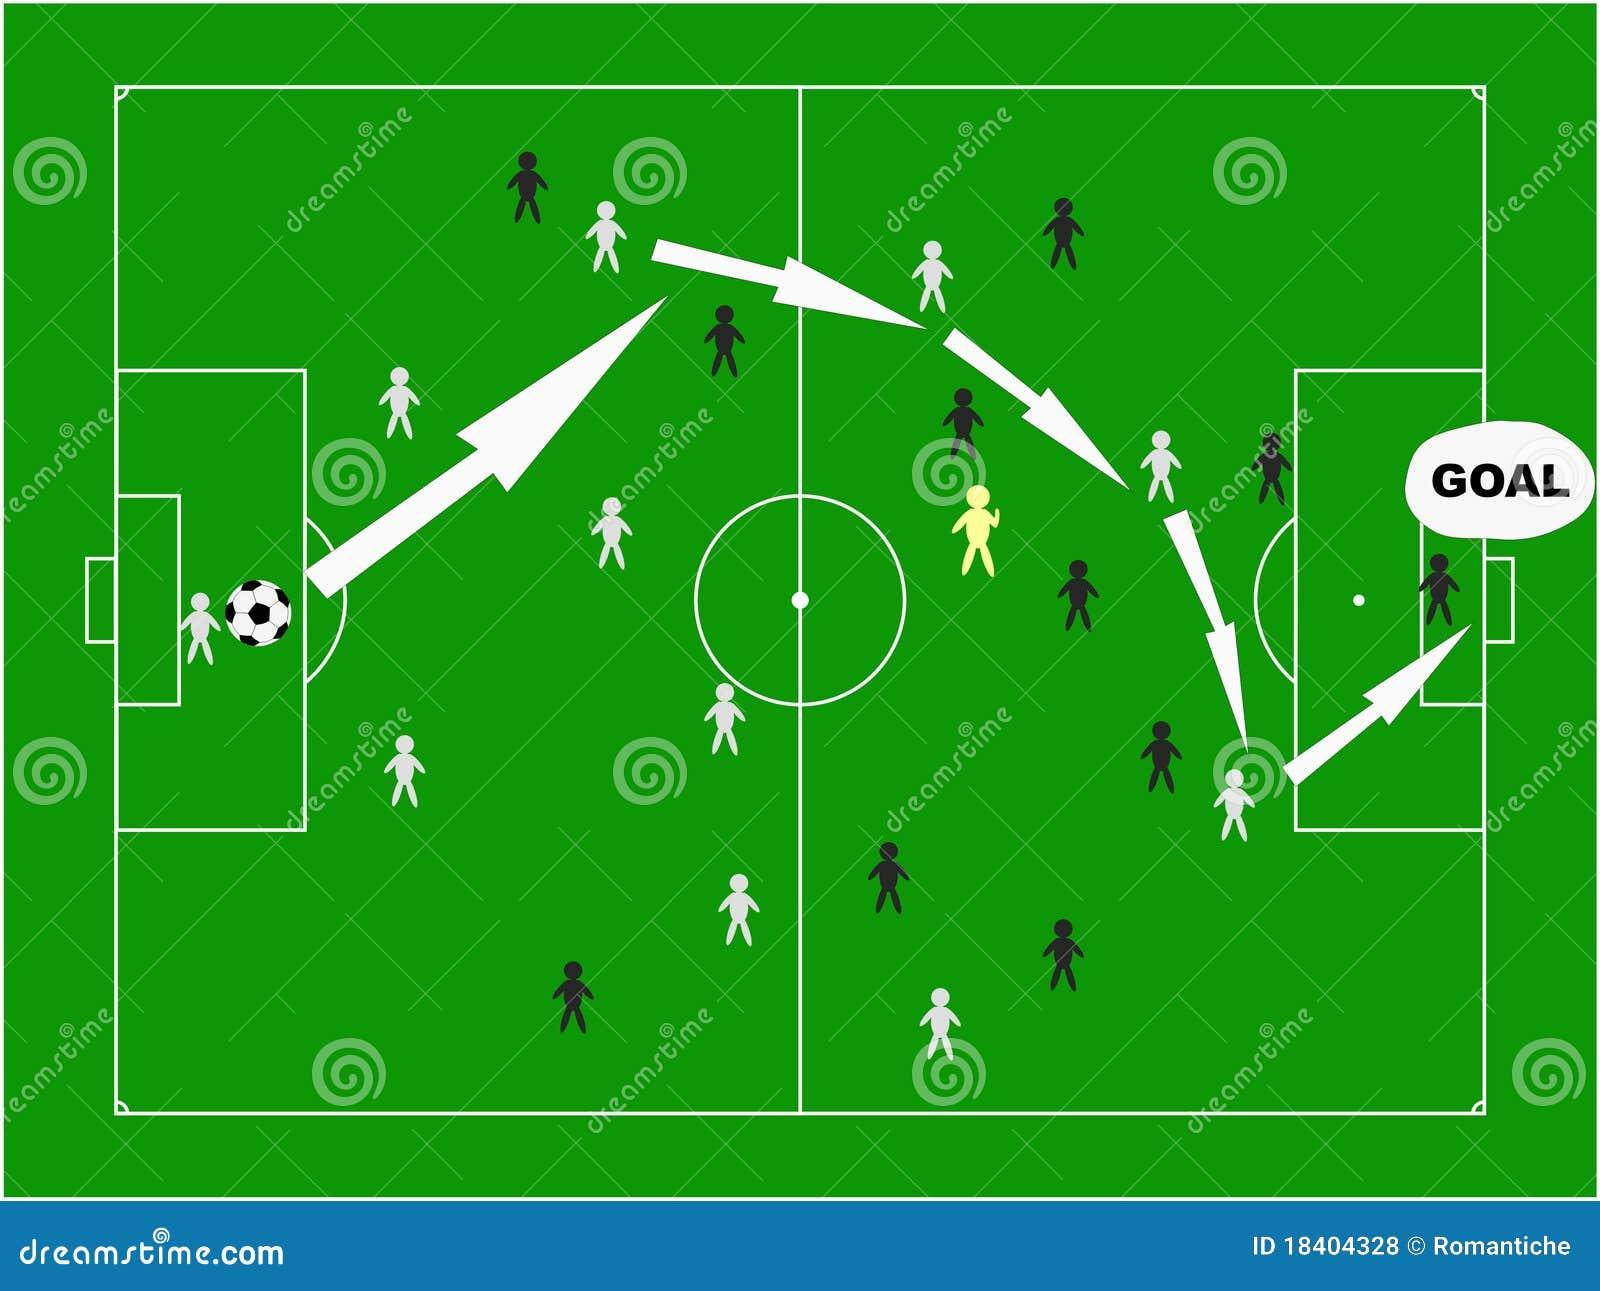 движение линии букмекерской конторы онлайн на футбол